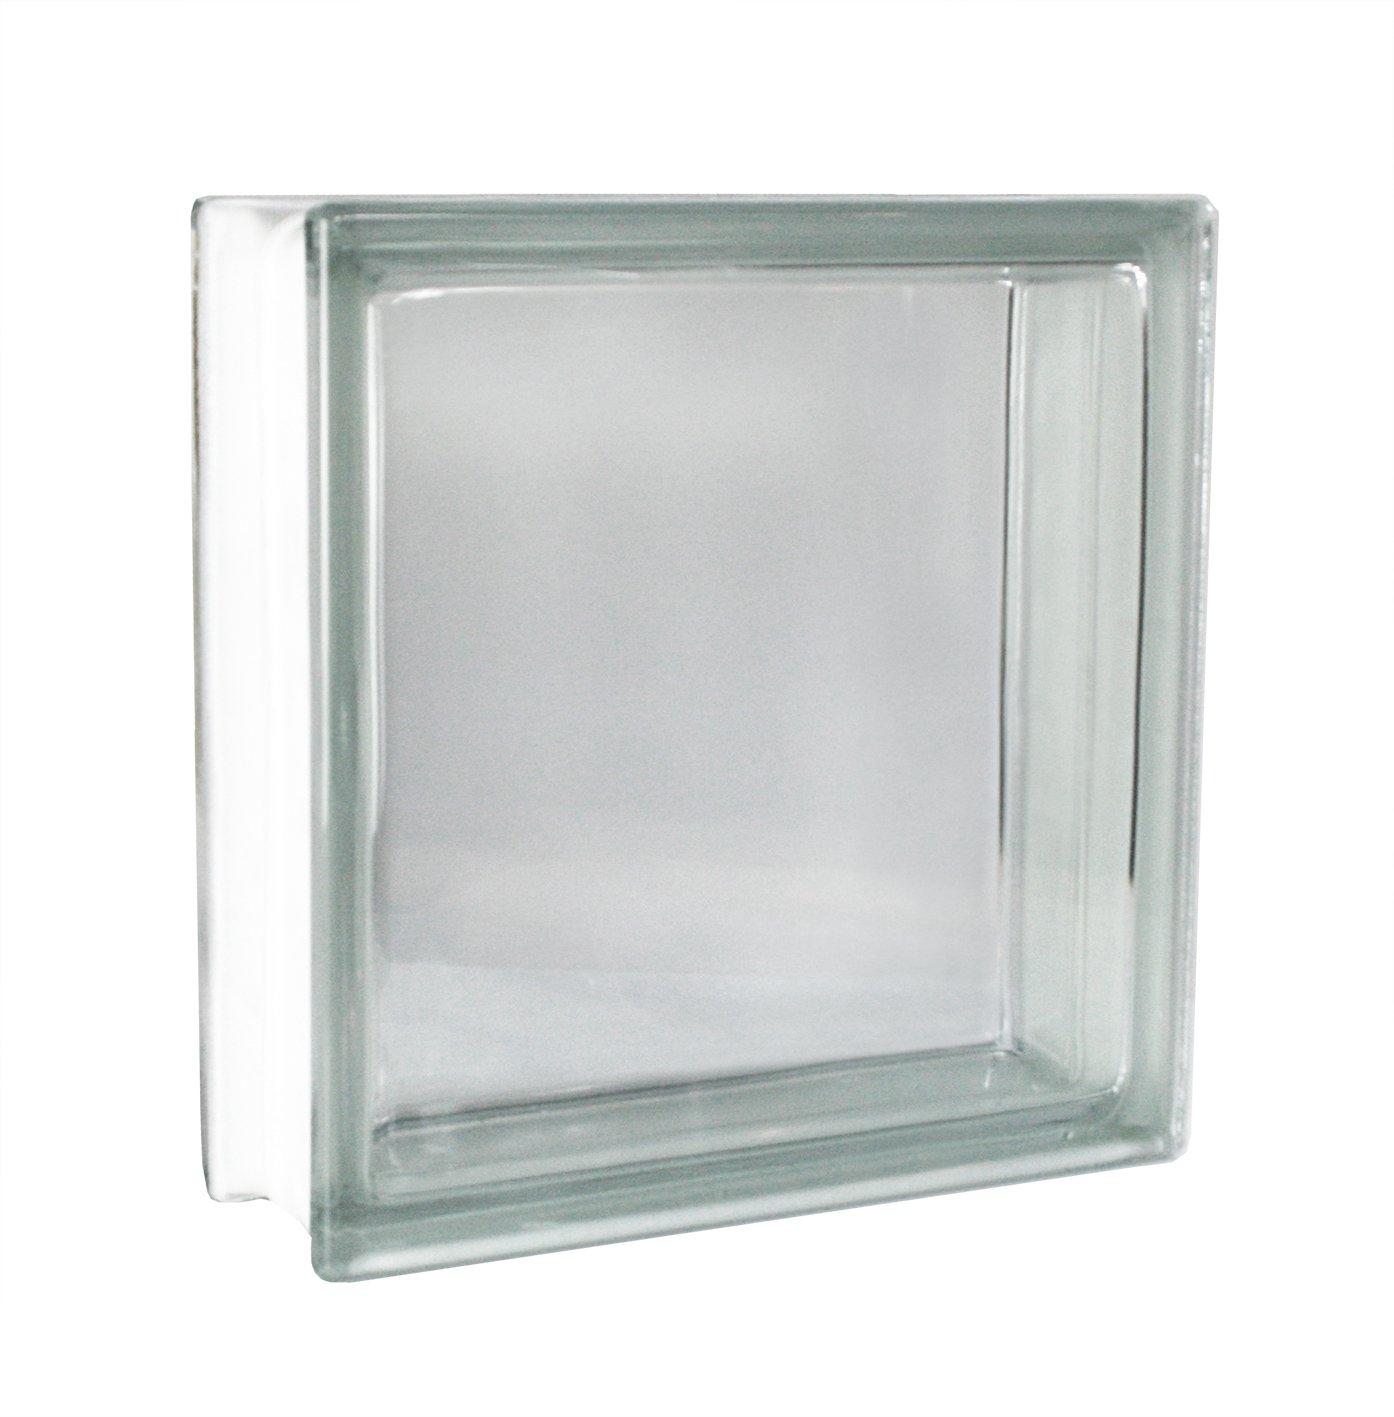 2 piezas FUCHS bloques de vidrio vista completa neutro 30x30x10 cm Fuchs Design